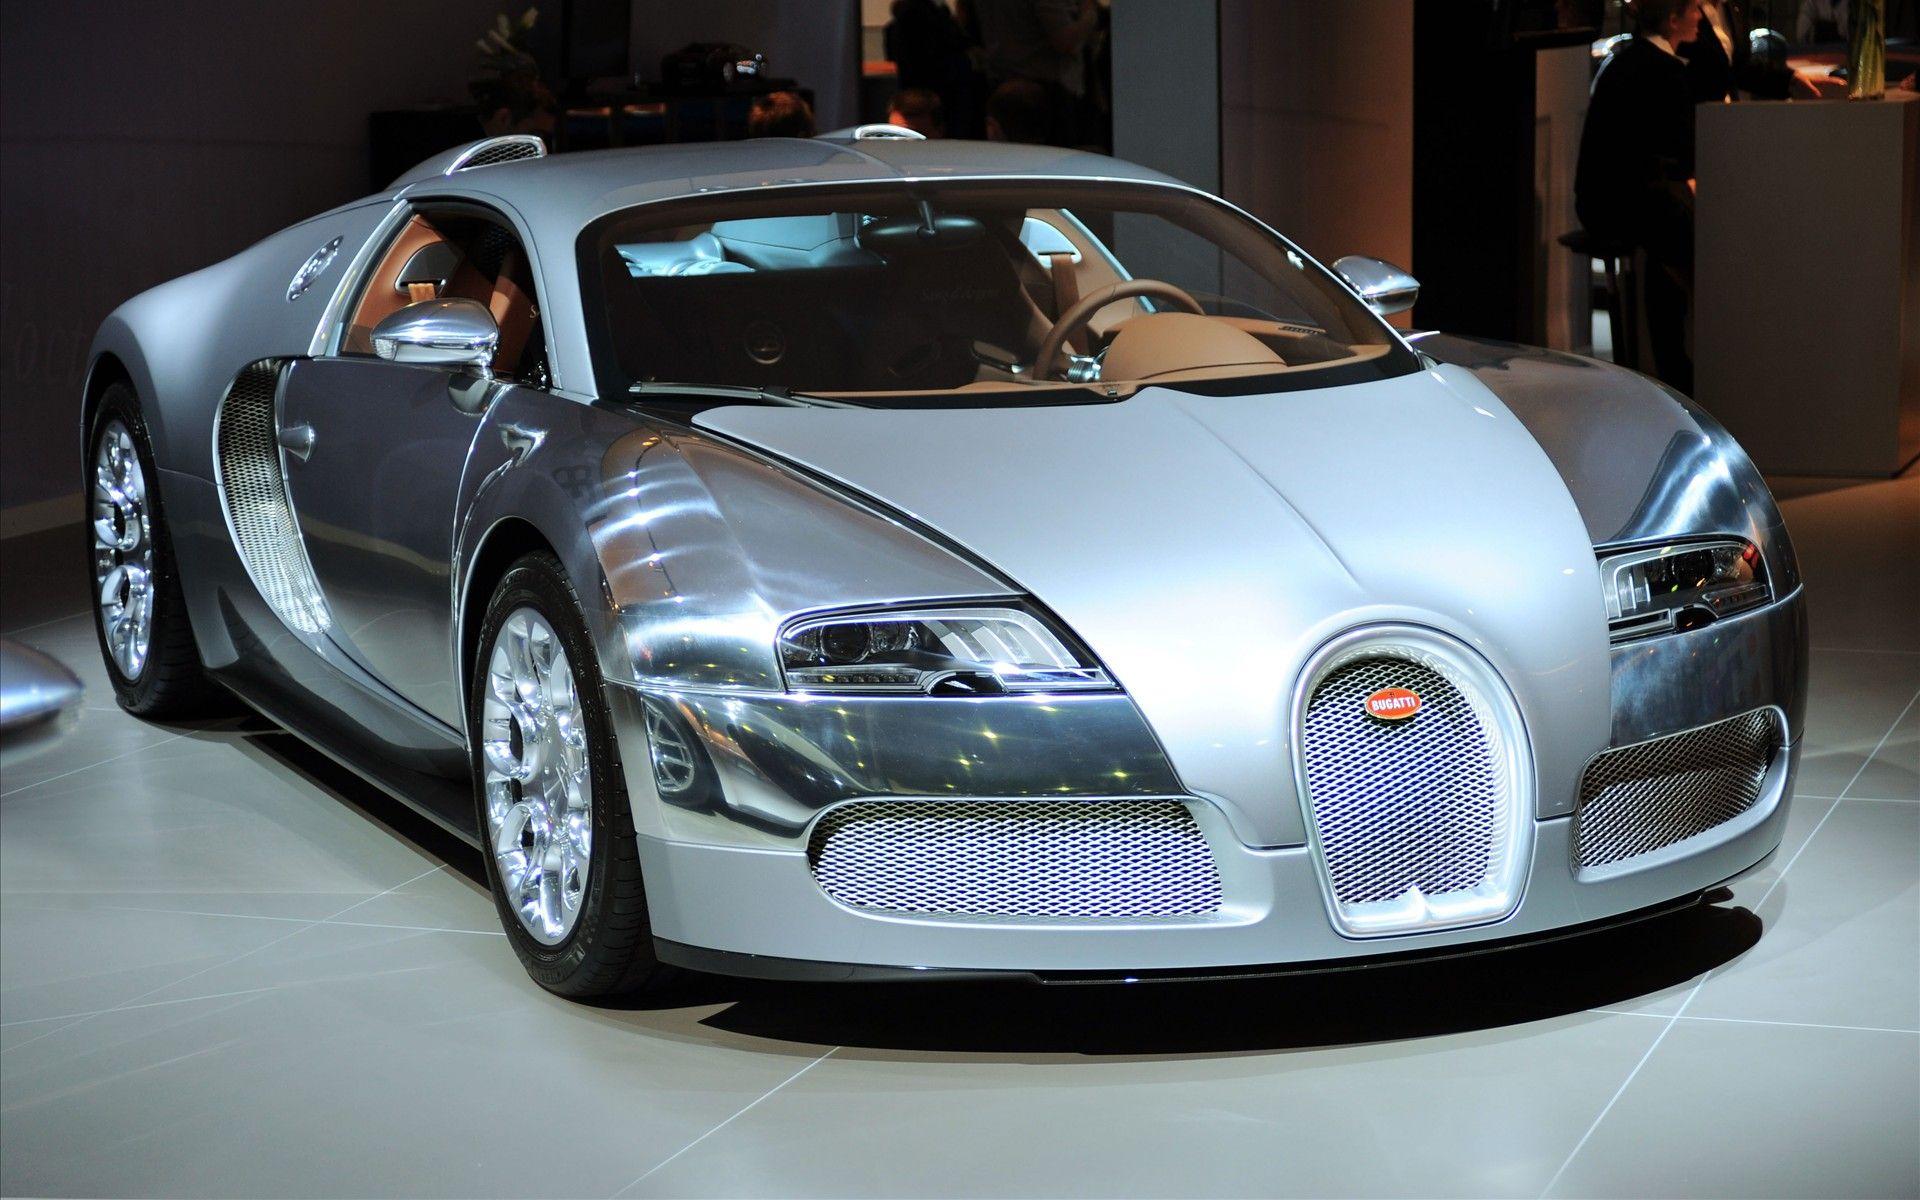 2014 Bugatti Veyron Hyper Sport Speed Top Auto Magazine Bugatti Veyron Bugatti Veyron Price Bugatti Veyron Super Sport